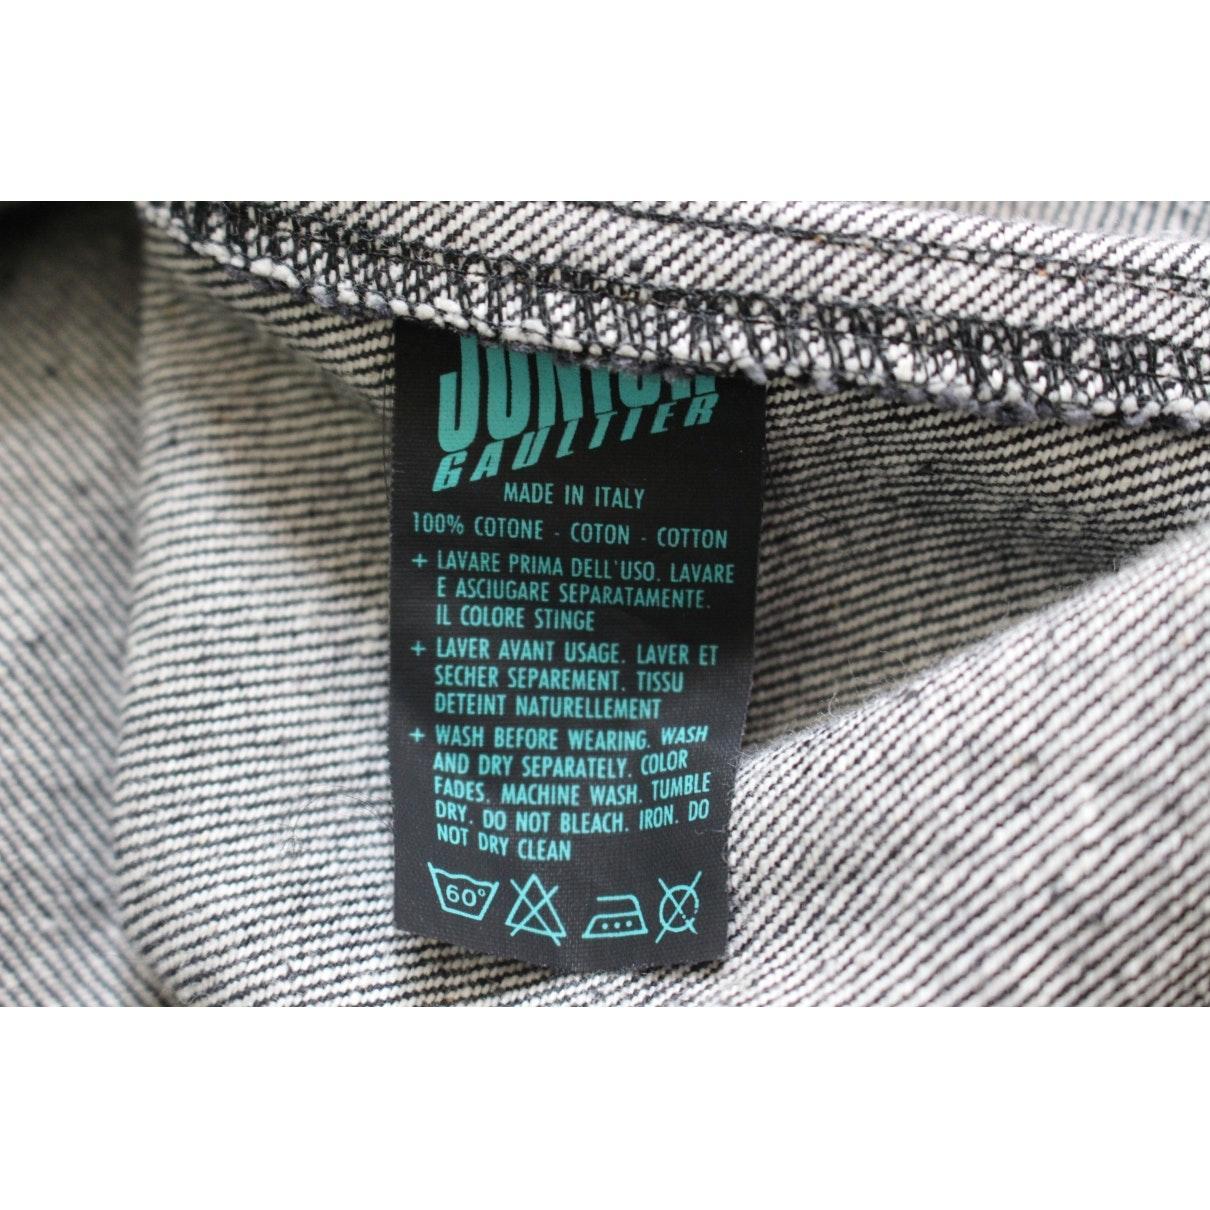 Tissu Jean Paul Gaultier black denim - jeans jacket